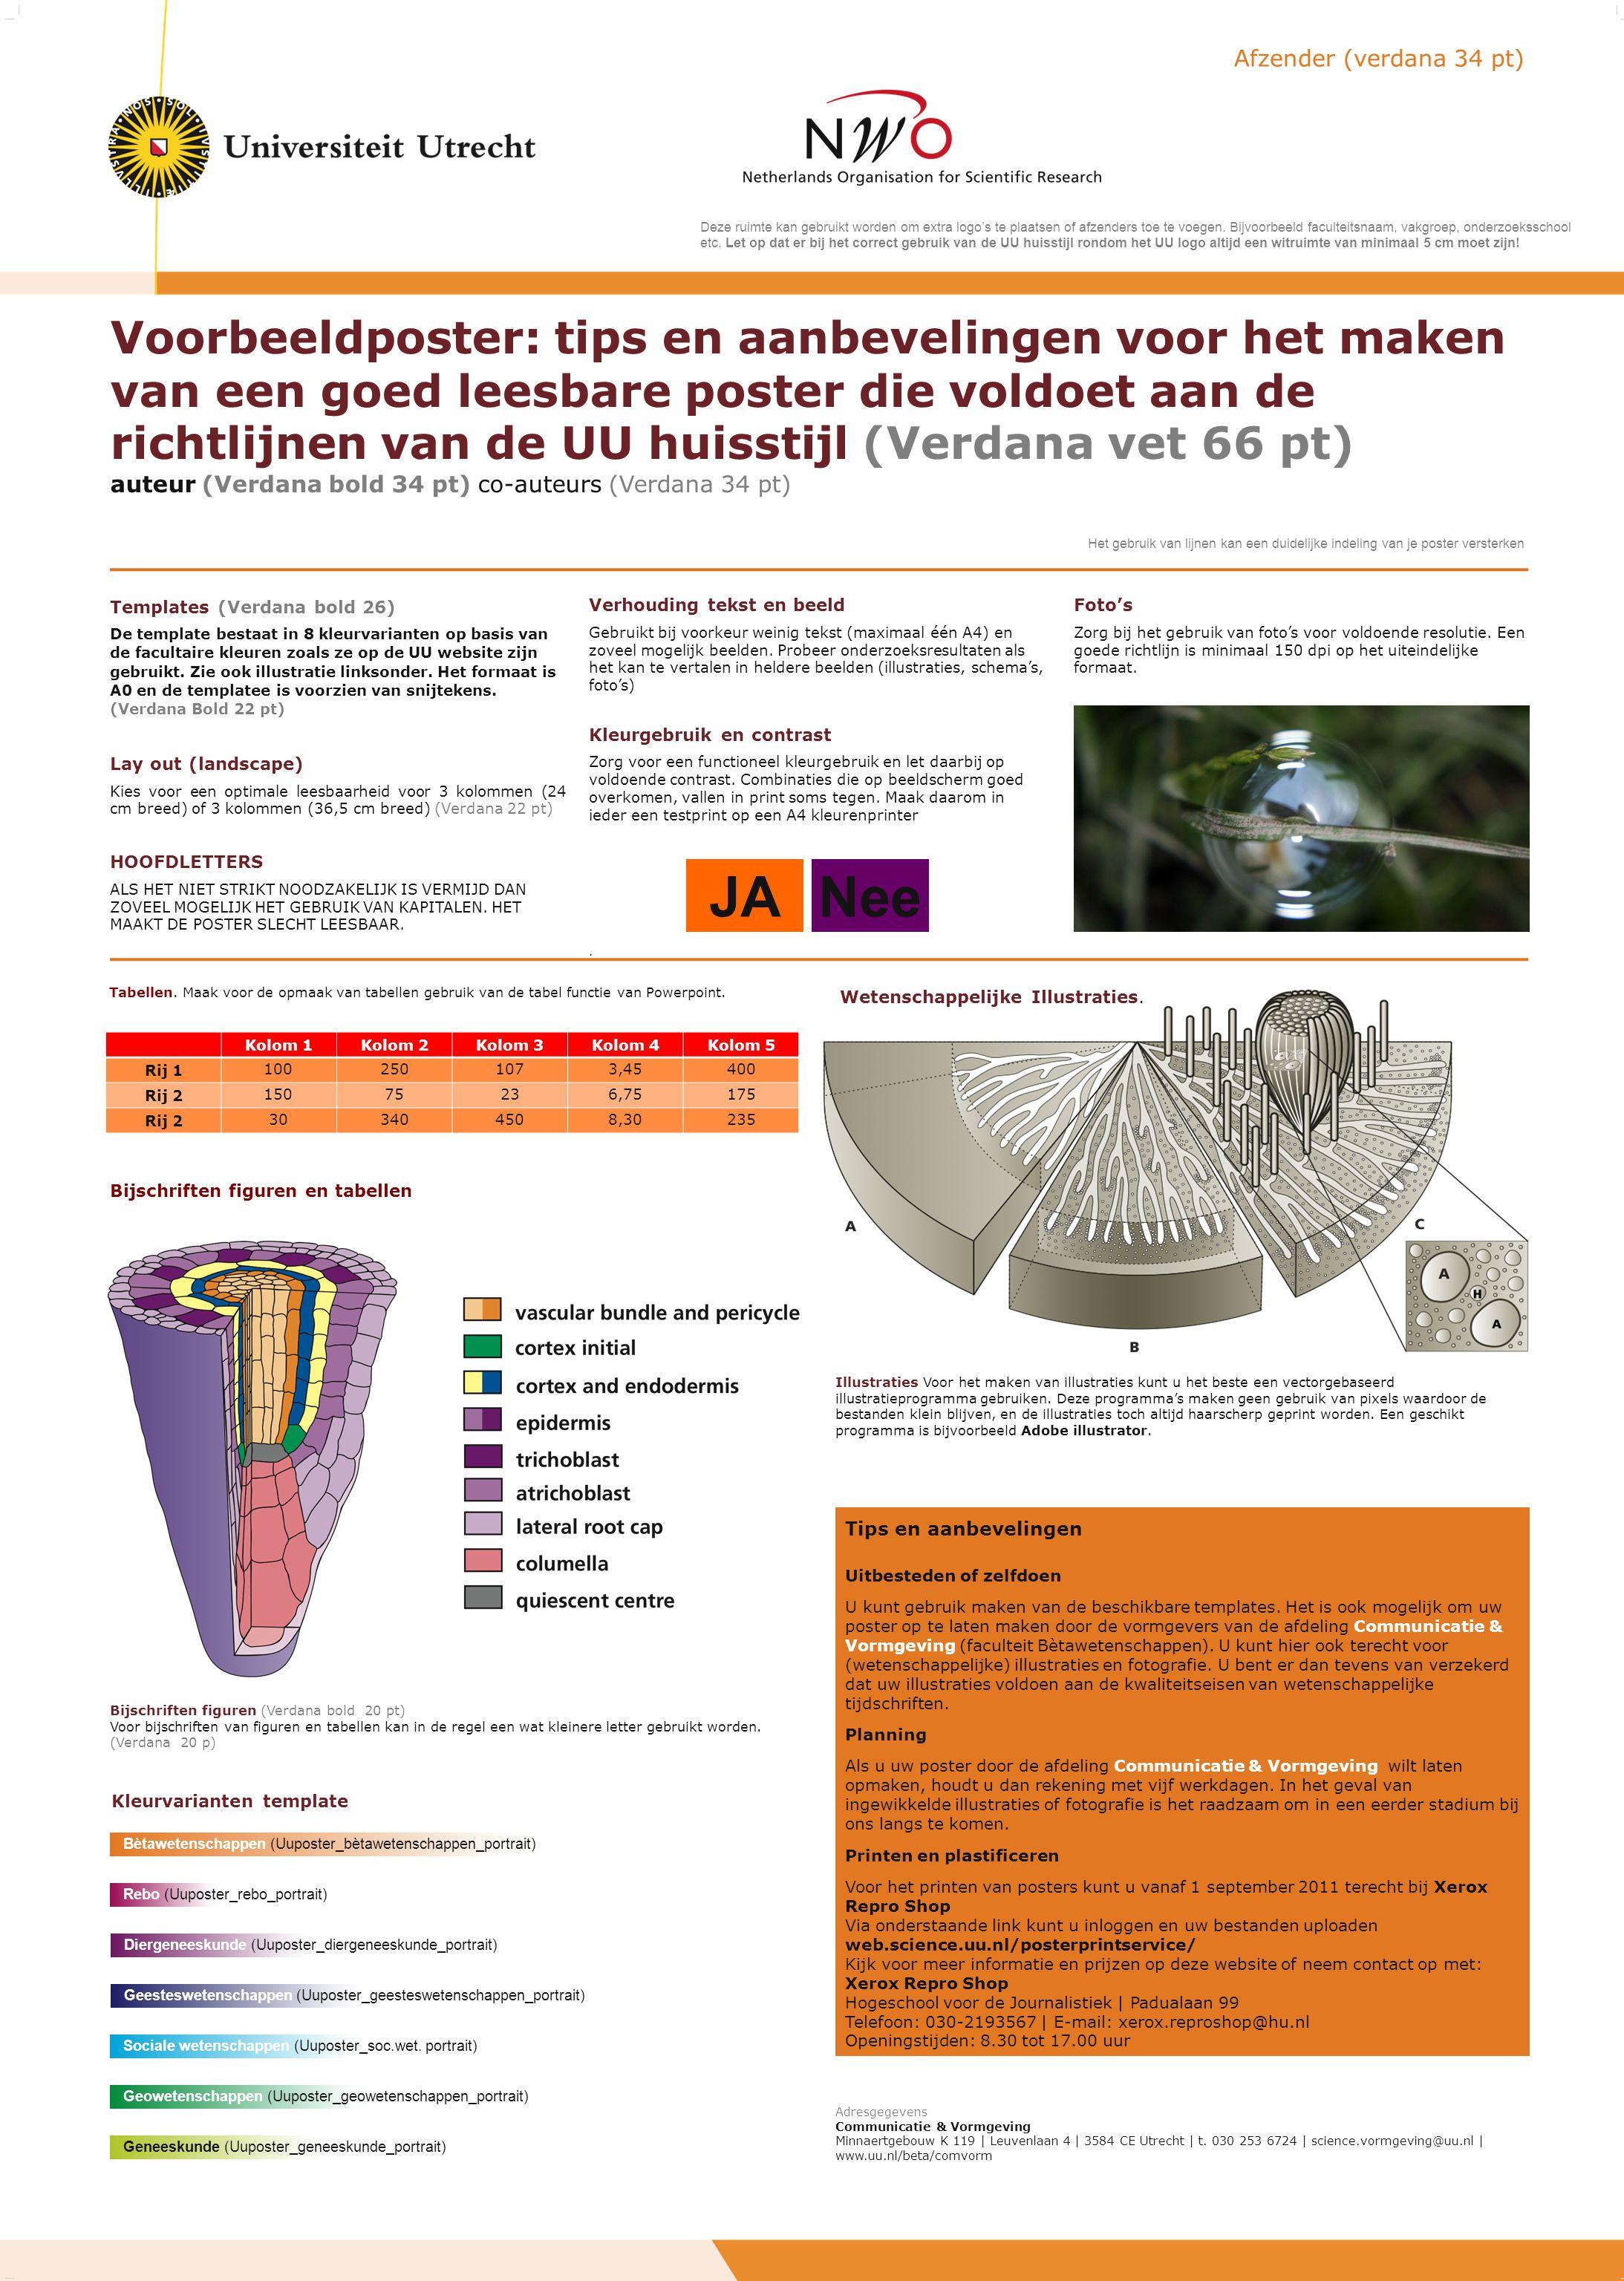 Voorbeeldposter: tips en aanbevelingen voor het maken van een goed leesbare poster die voldoet aan de richtlijnen van de UU huisstijl (Verdana vet 66